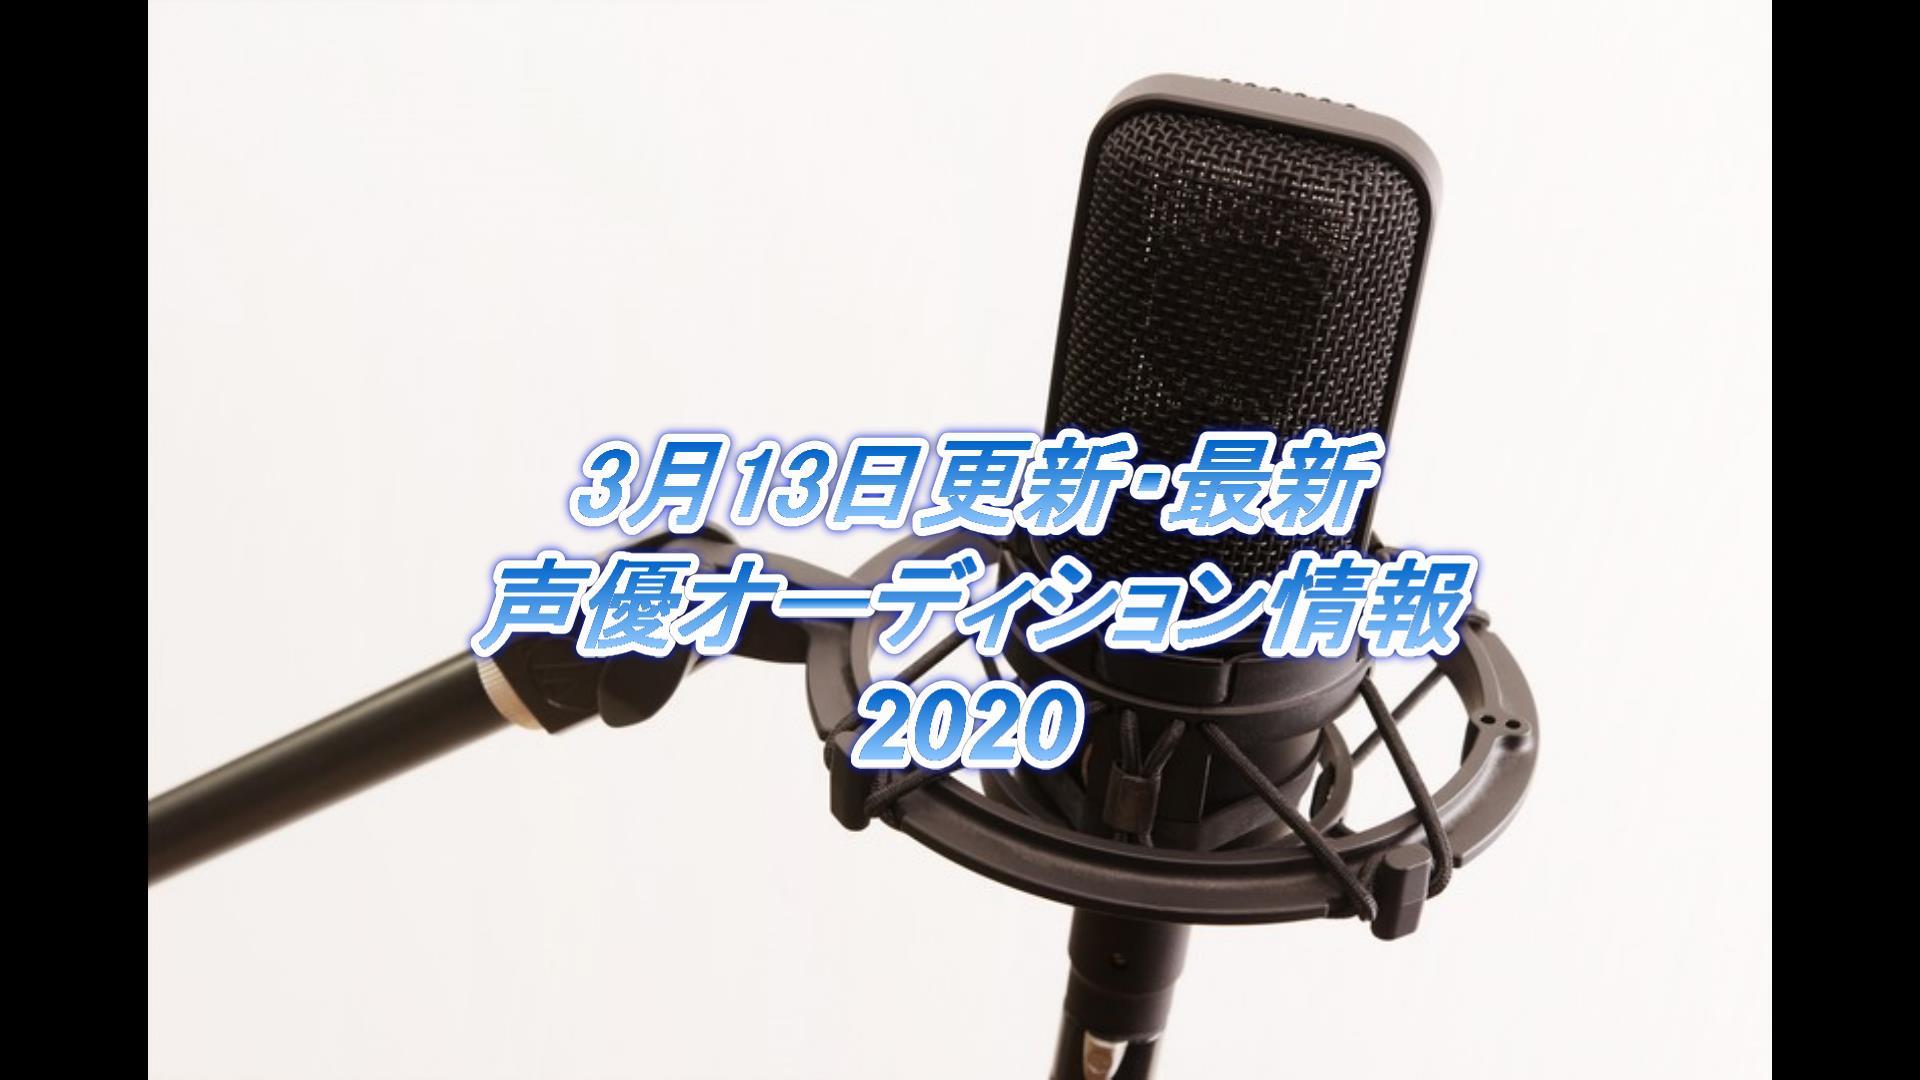 3月13日更新・最新声優オーディション情報2020